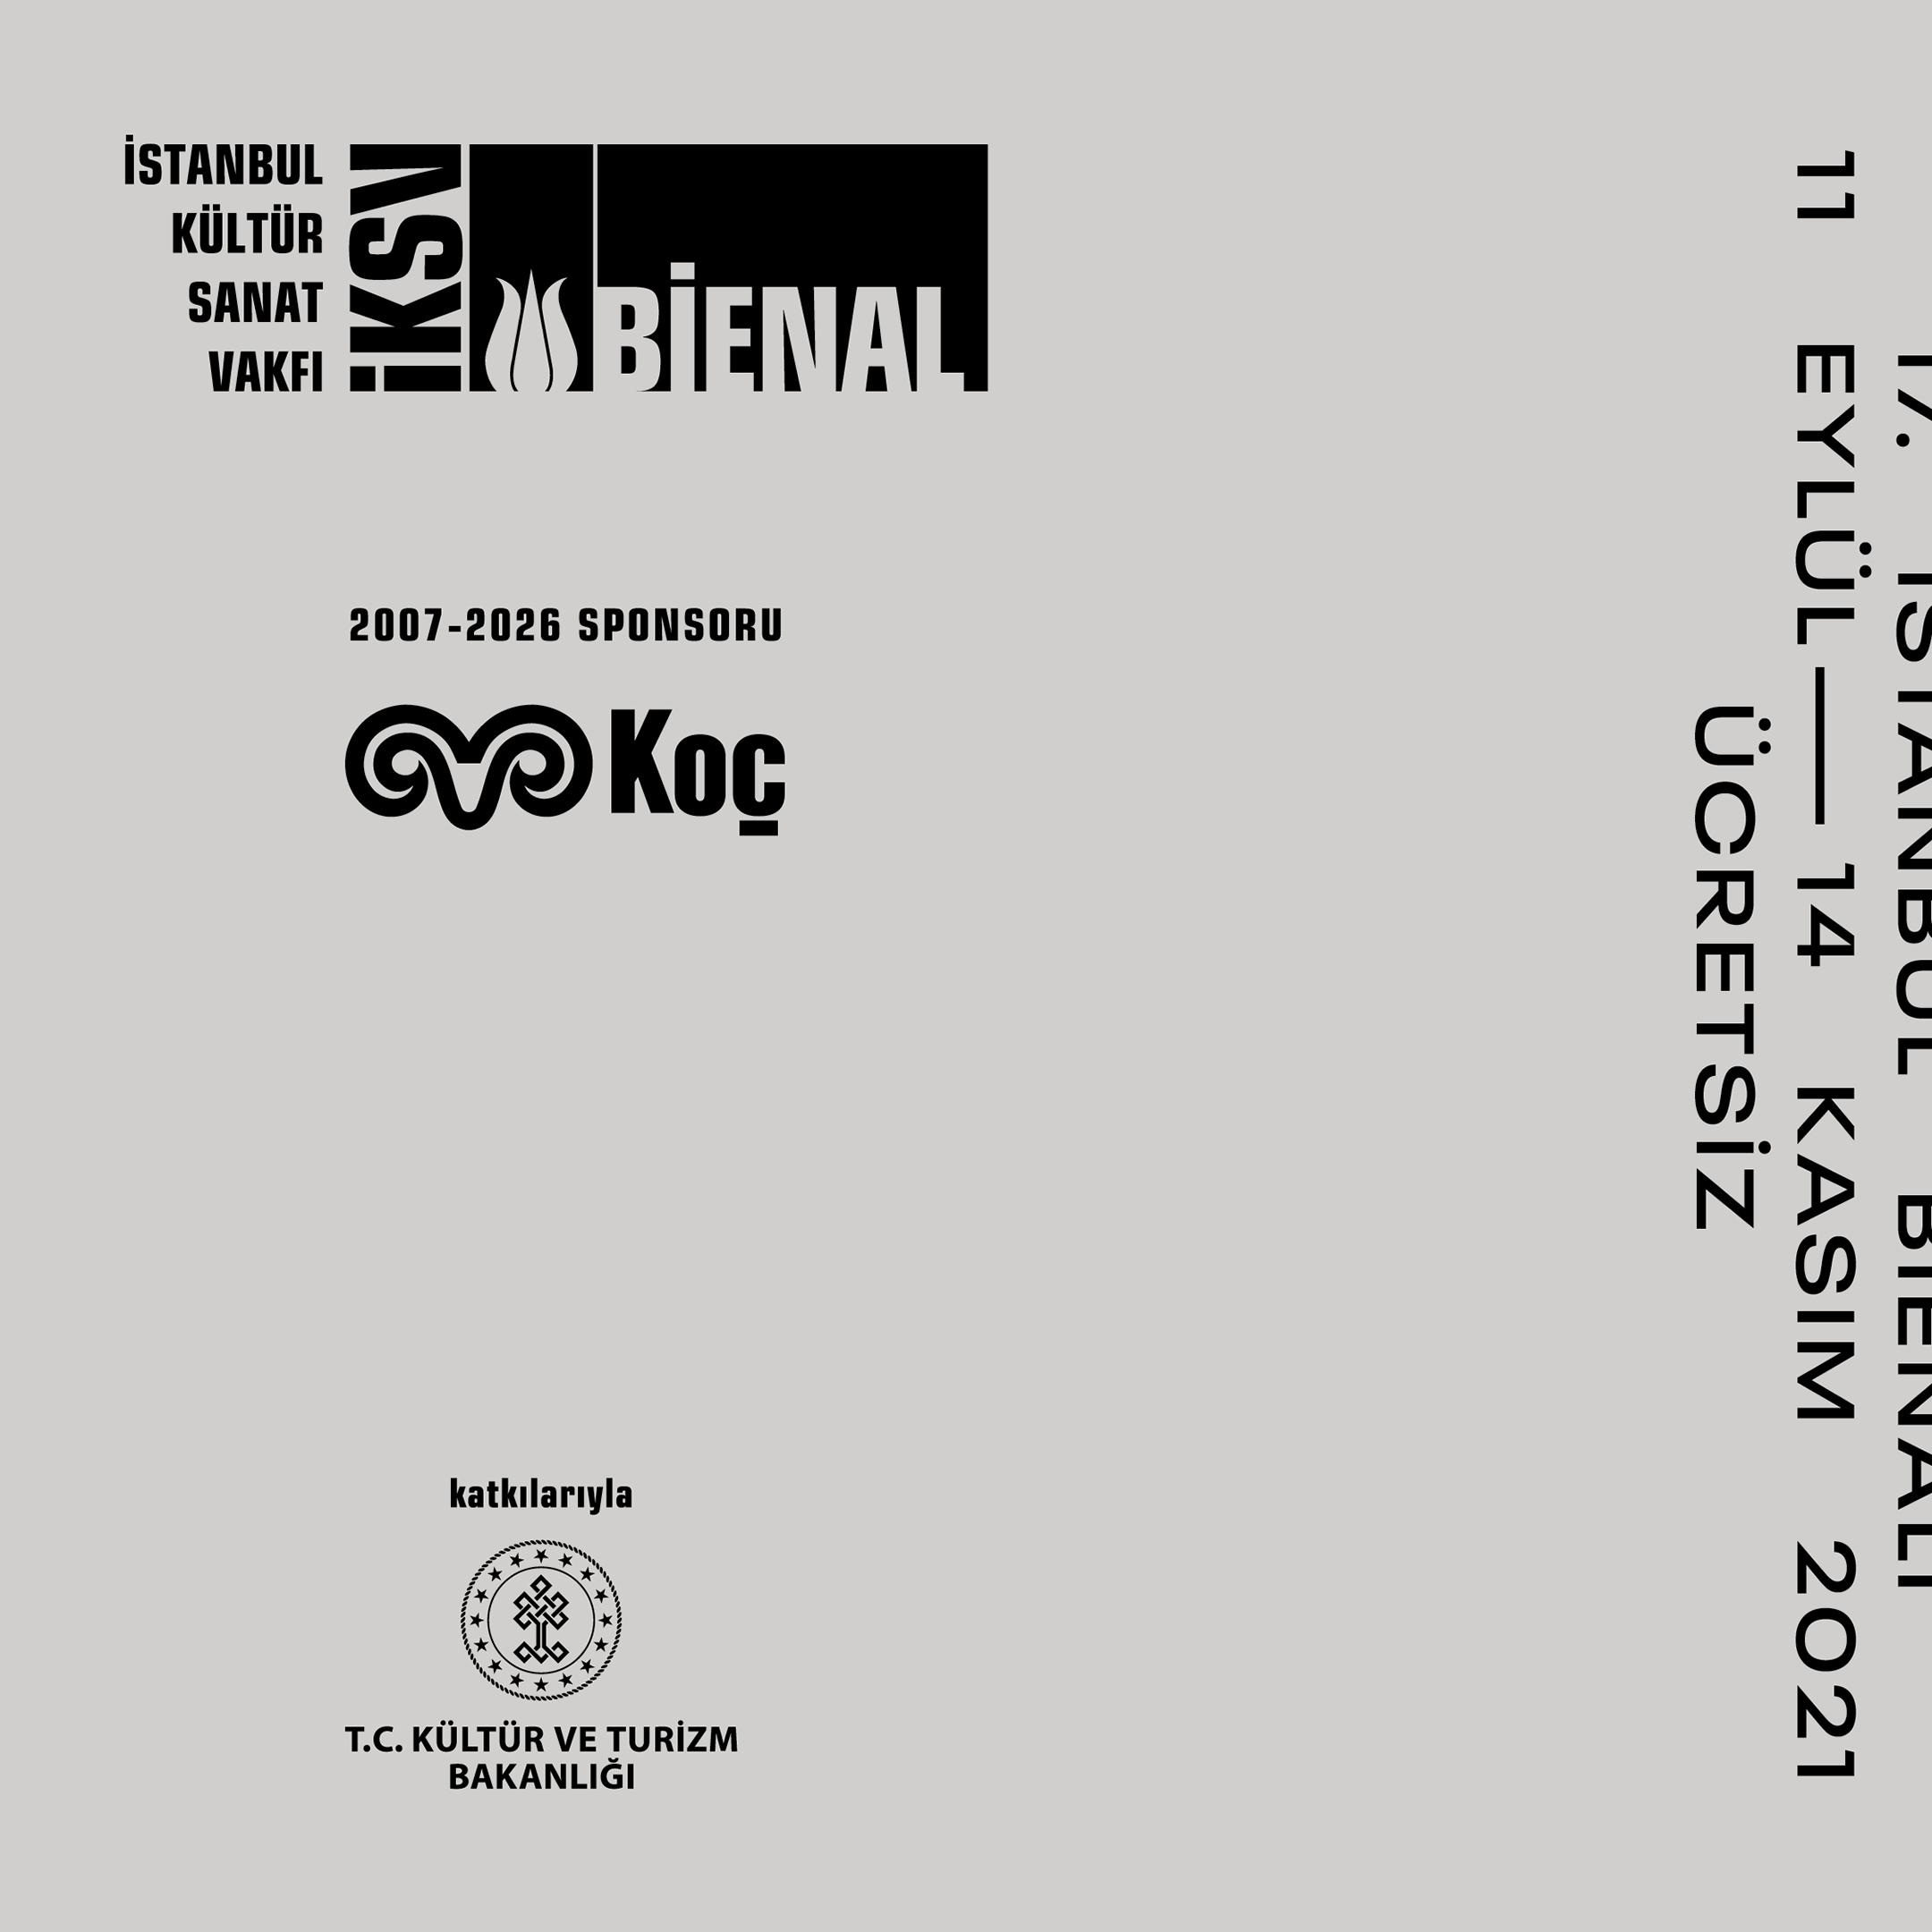 kompost_radyo_bienal3